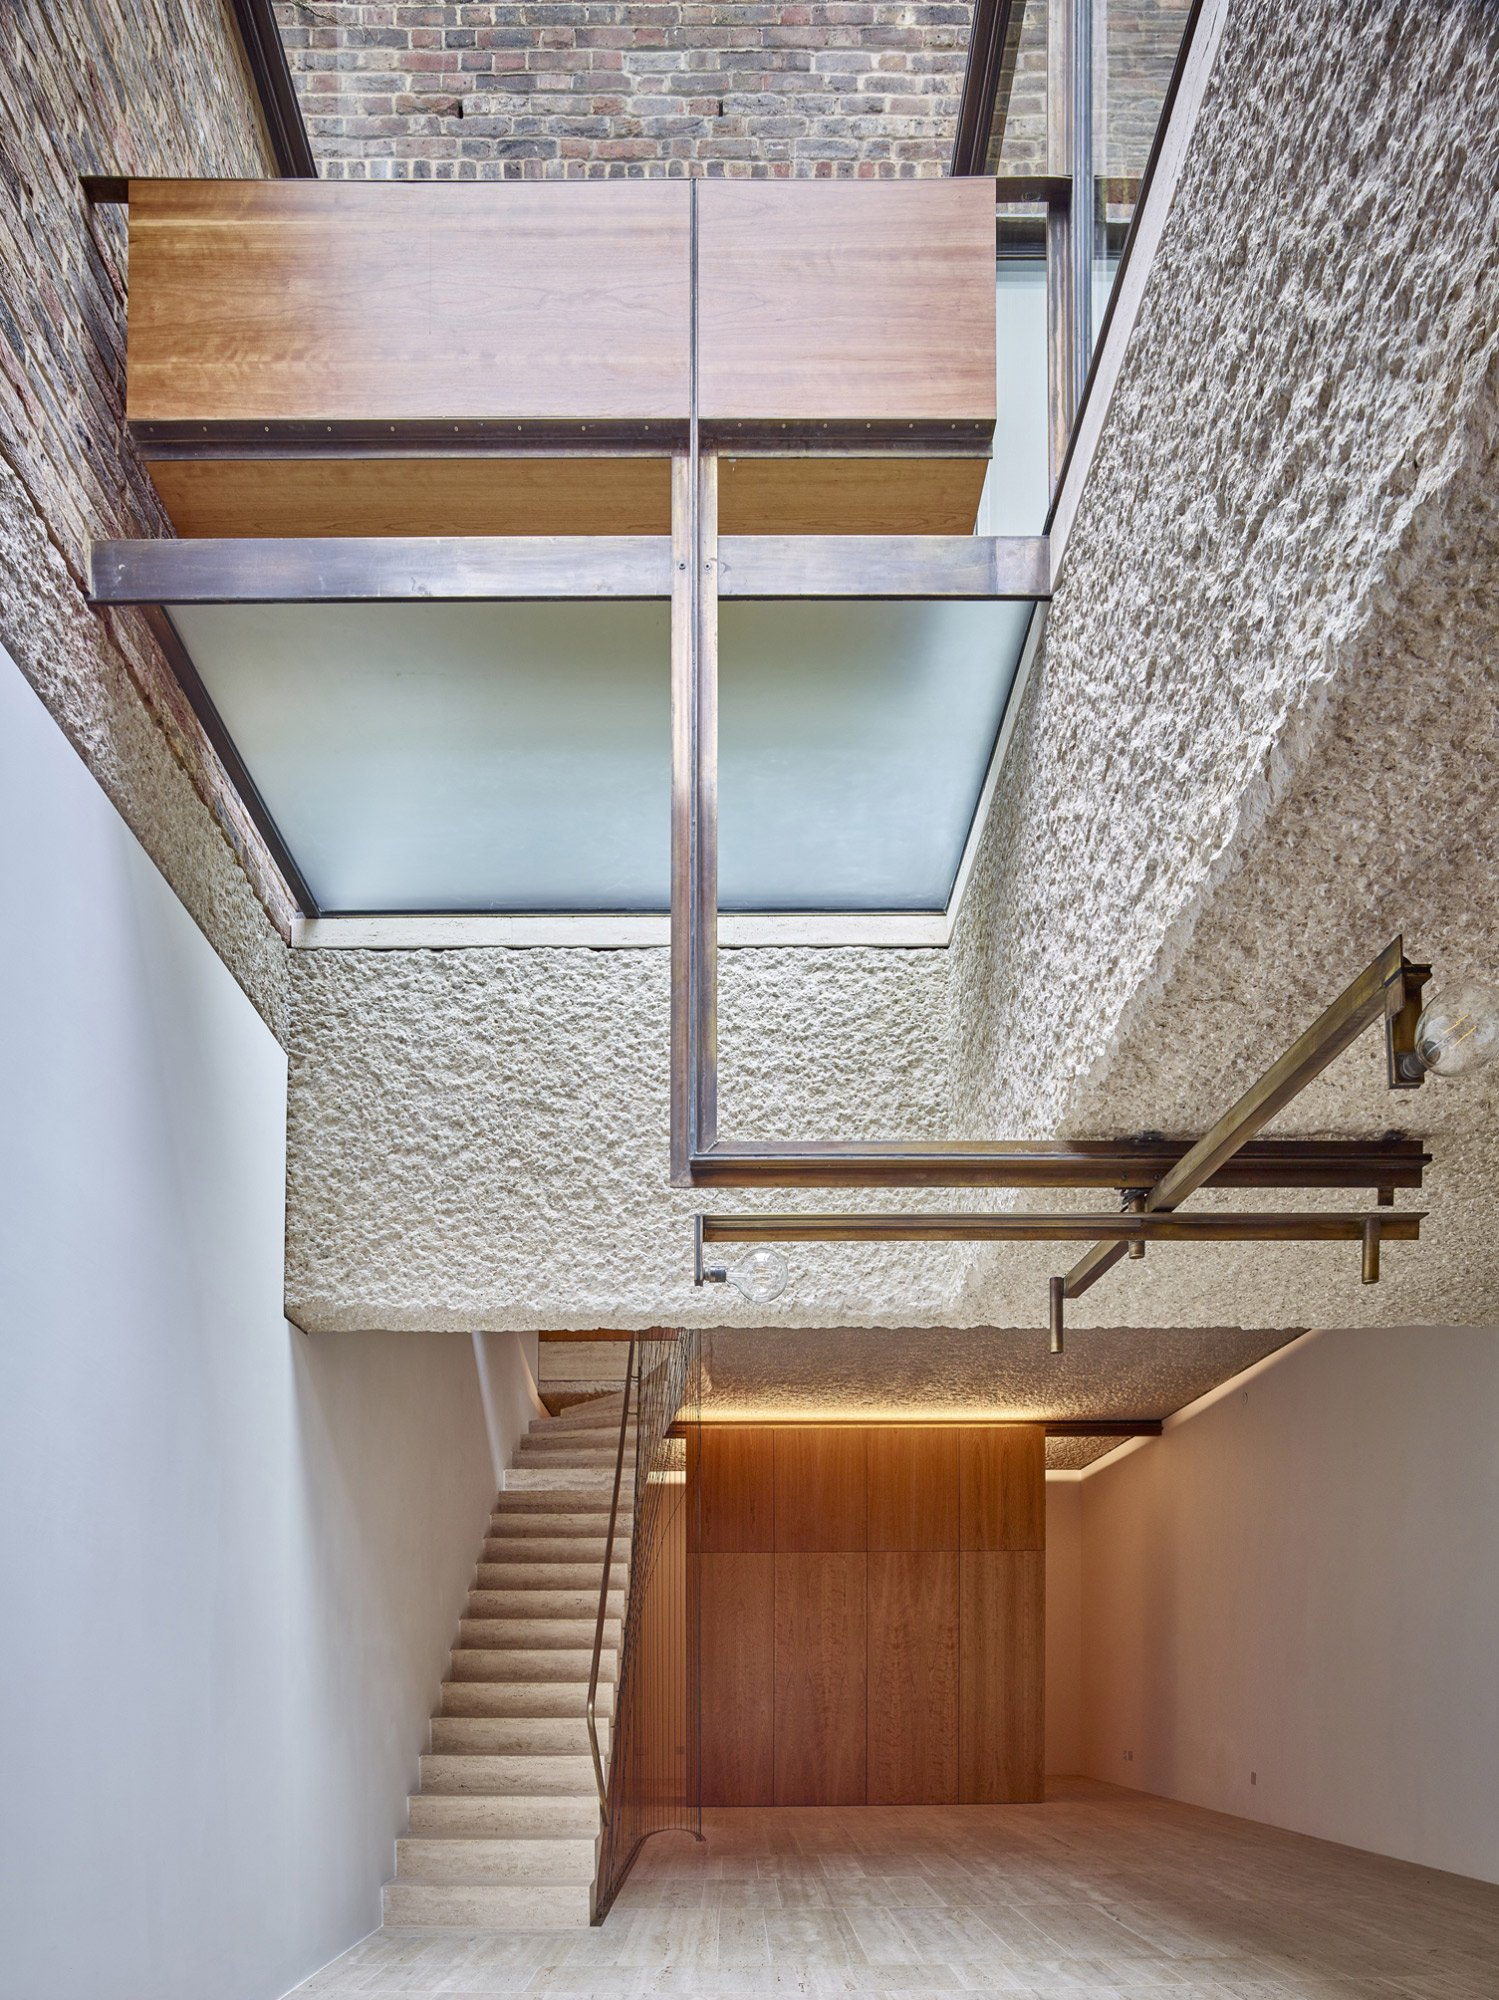 Amin Taha Architects | GROUPWORK |